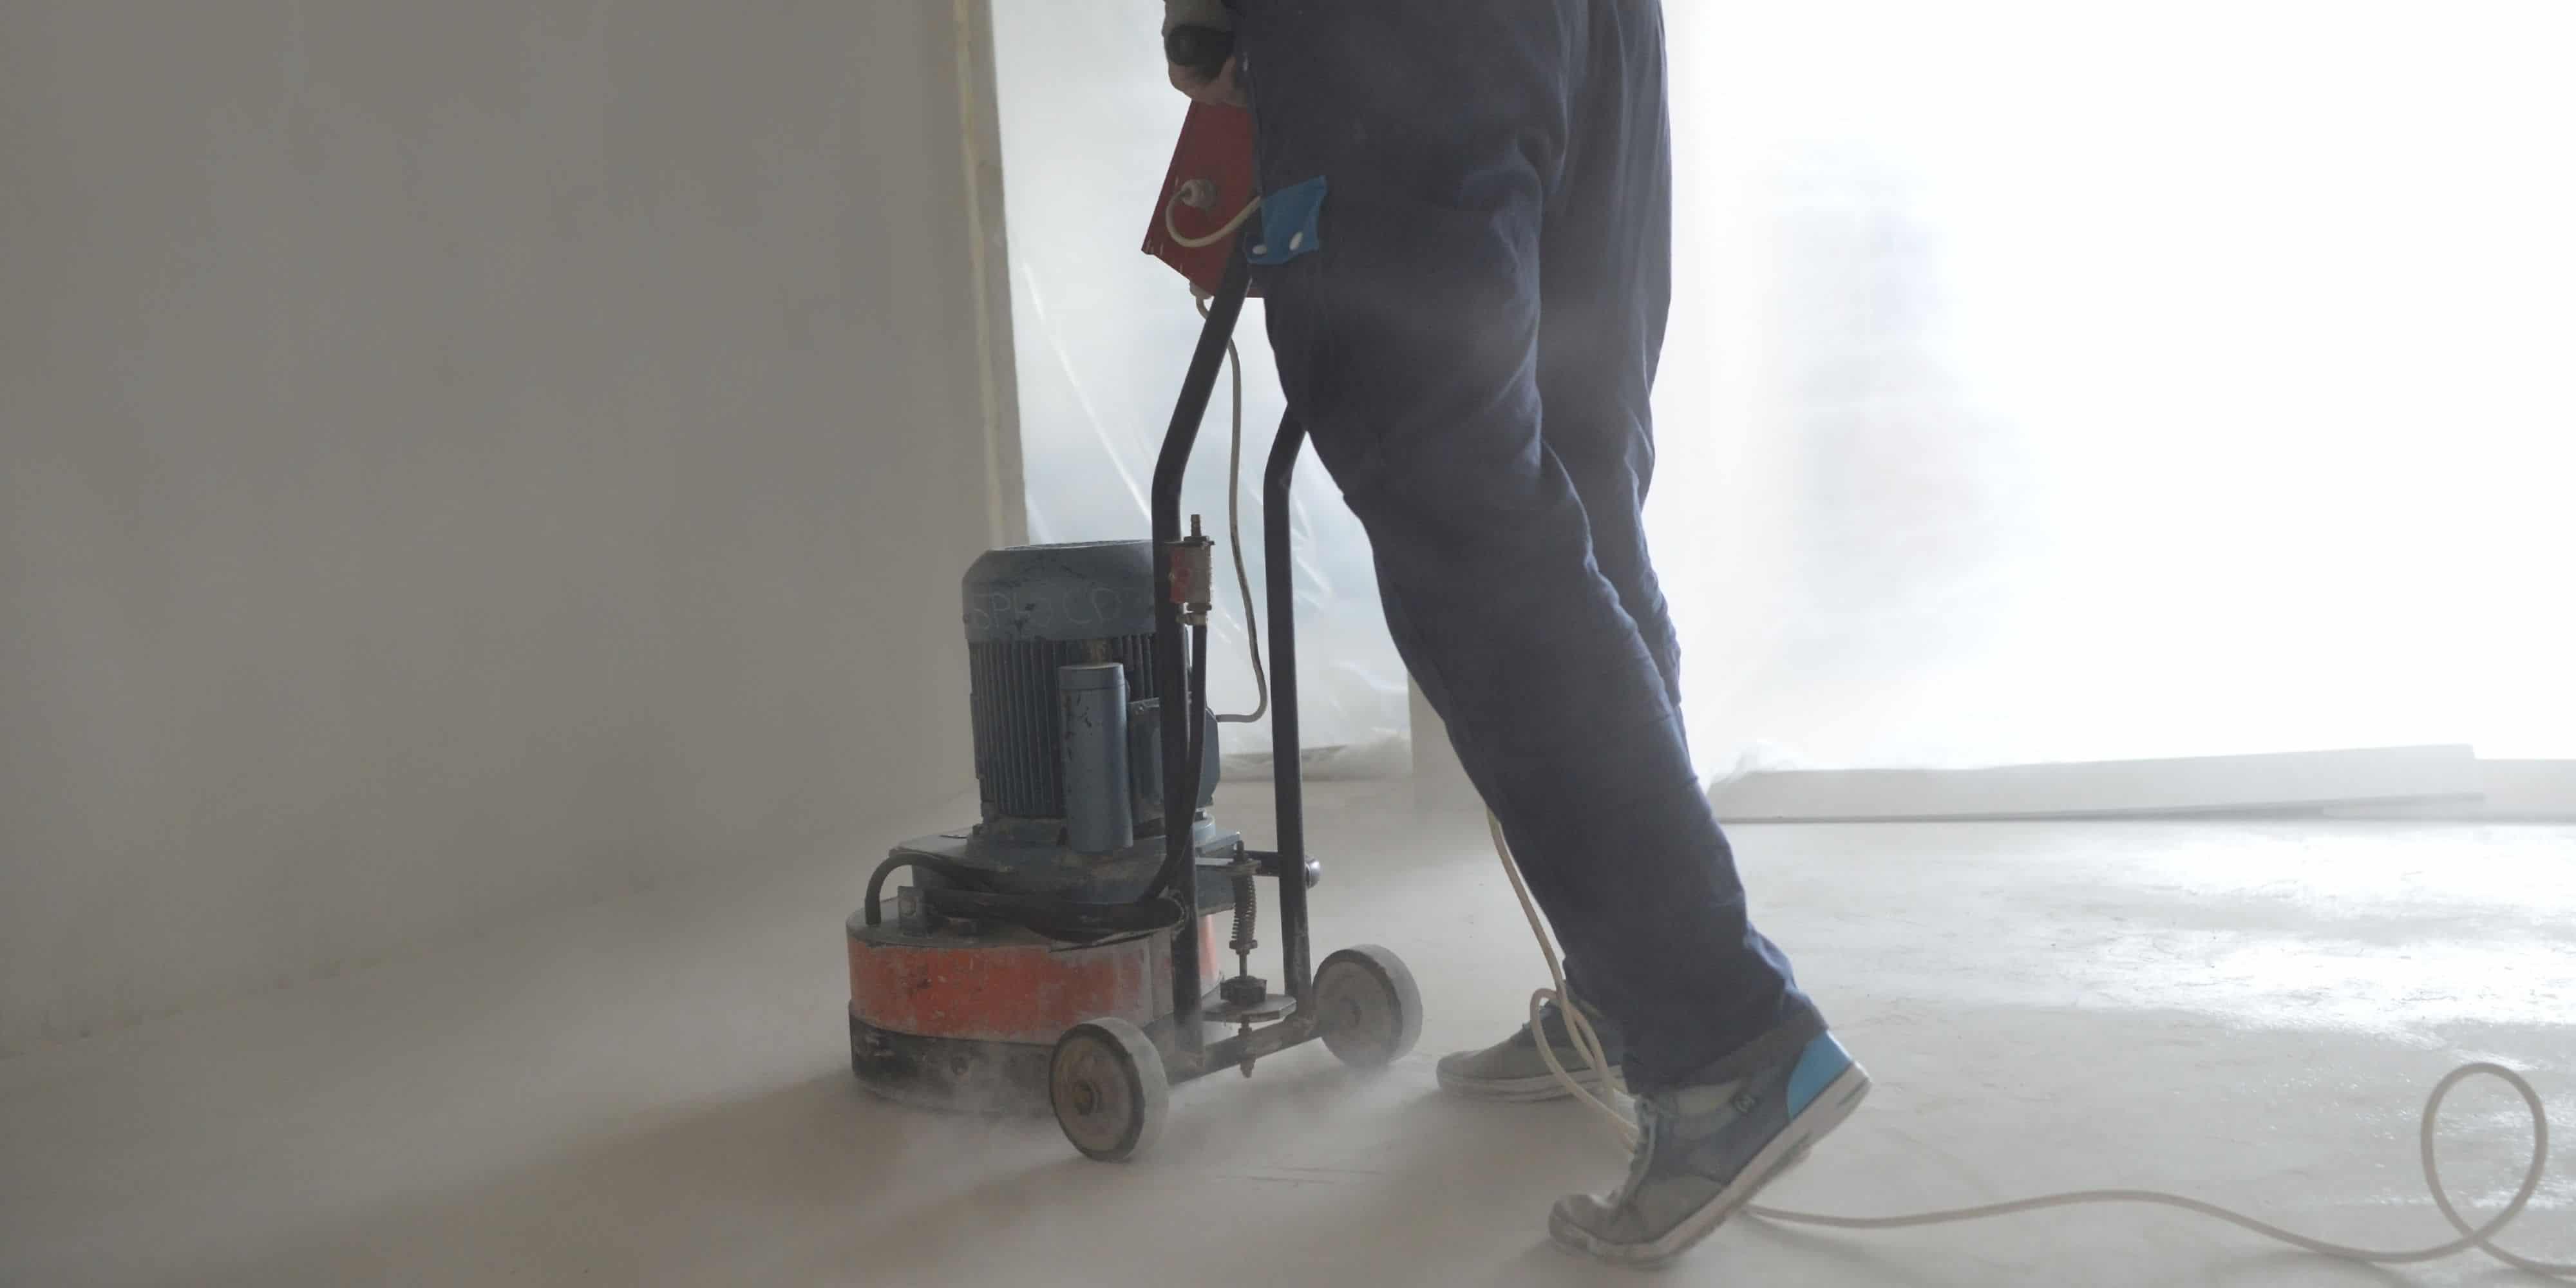 gepolierde beton onderhoud